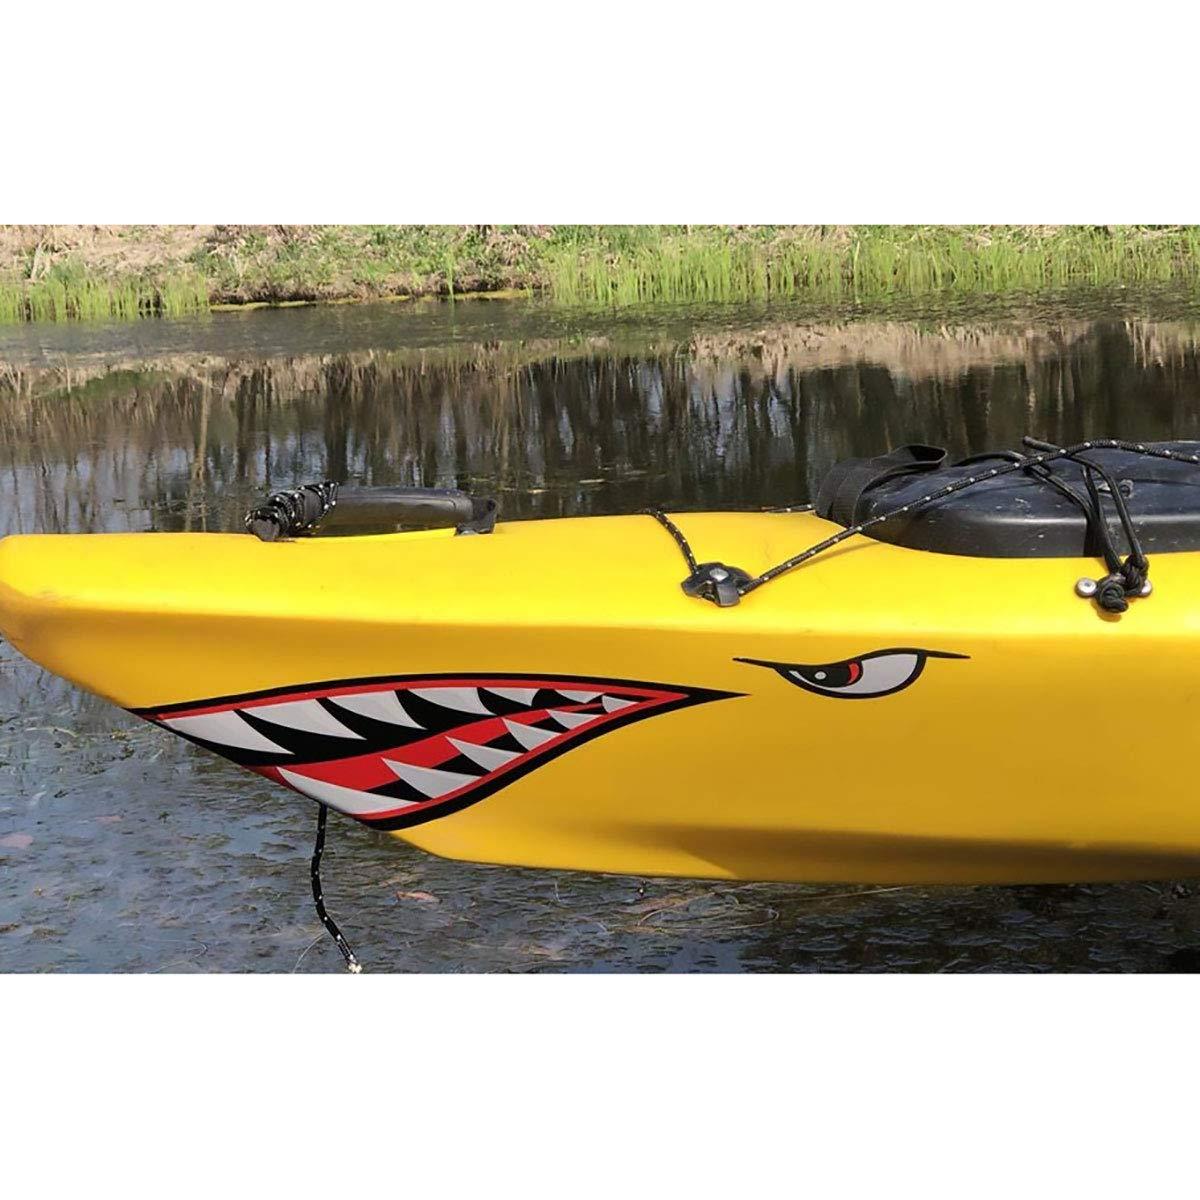 Decals stickers funny kayak warning sticker decal kayaking paddle